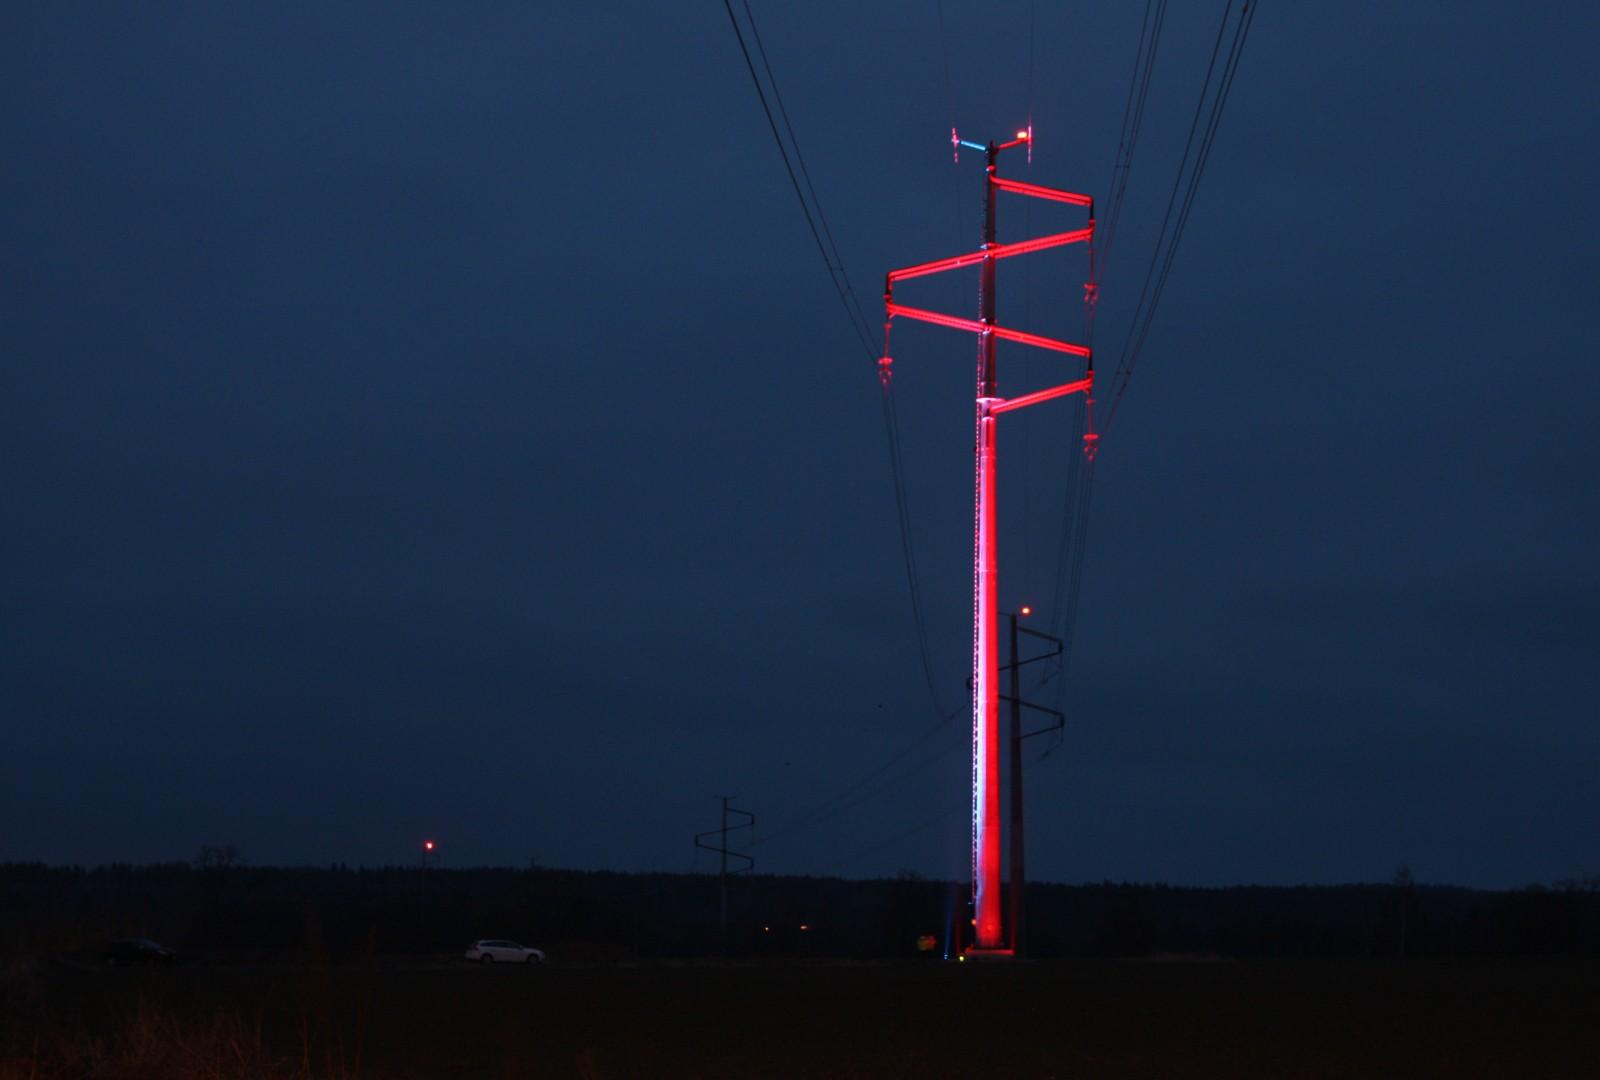 <h1>Designade kraftledningsstolpar</h1><h4>Som en del av Svenska kraftnäts nya elförbindelse SydVästlänken har ett  antal designade stolpar placerats vid passagen av Göta Kanal och Motala Ström</h4>